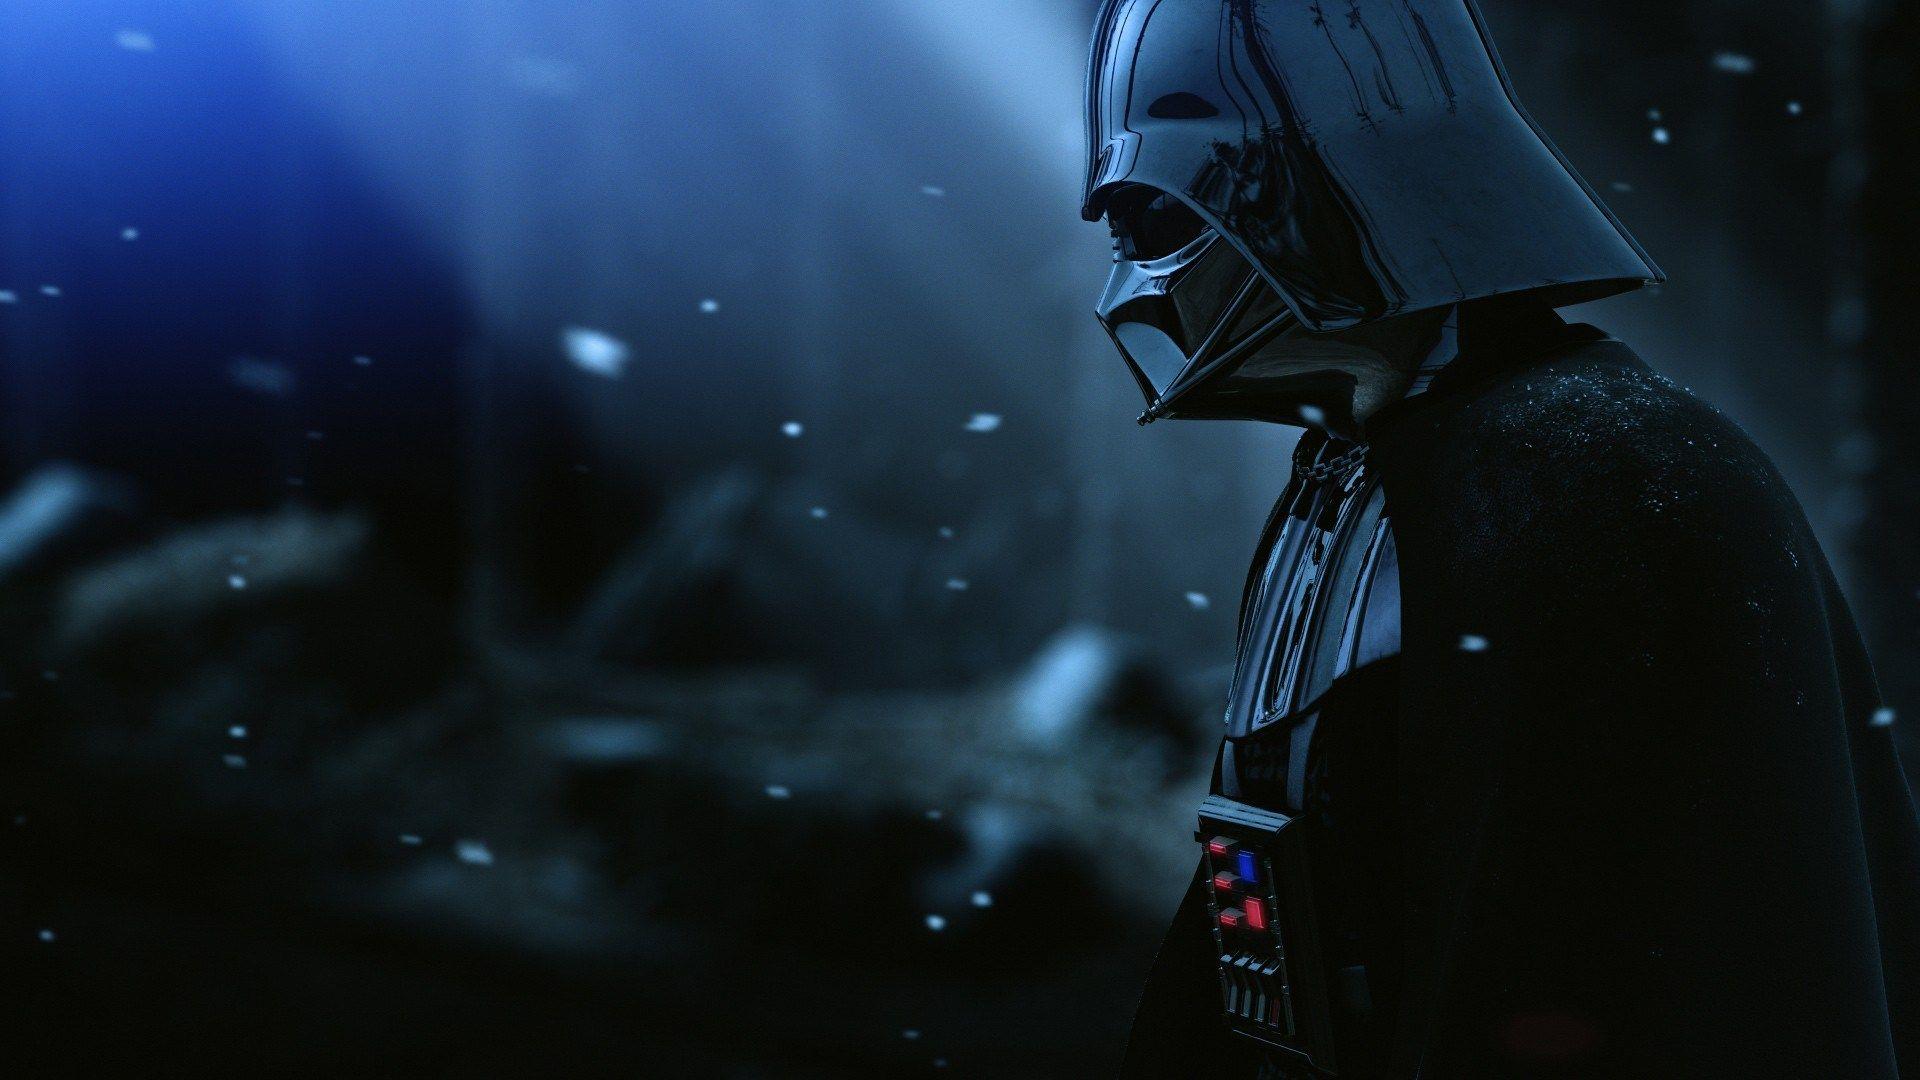 1920x1080 Star Wars Hd Wallpapers 1080p Windows Jpg 216 Kb Darth Vader Wallpaper Darth Vader Hd Wallpaper Star Wars Wallpaper